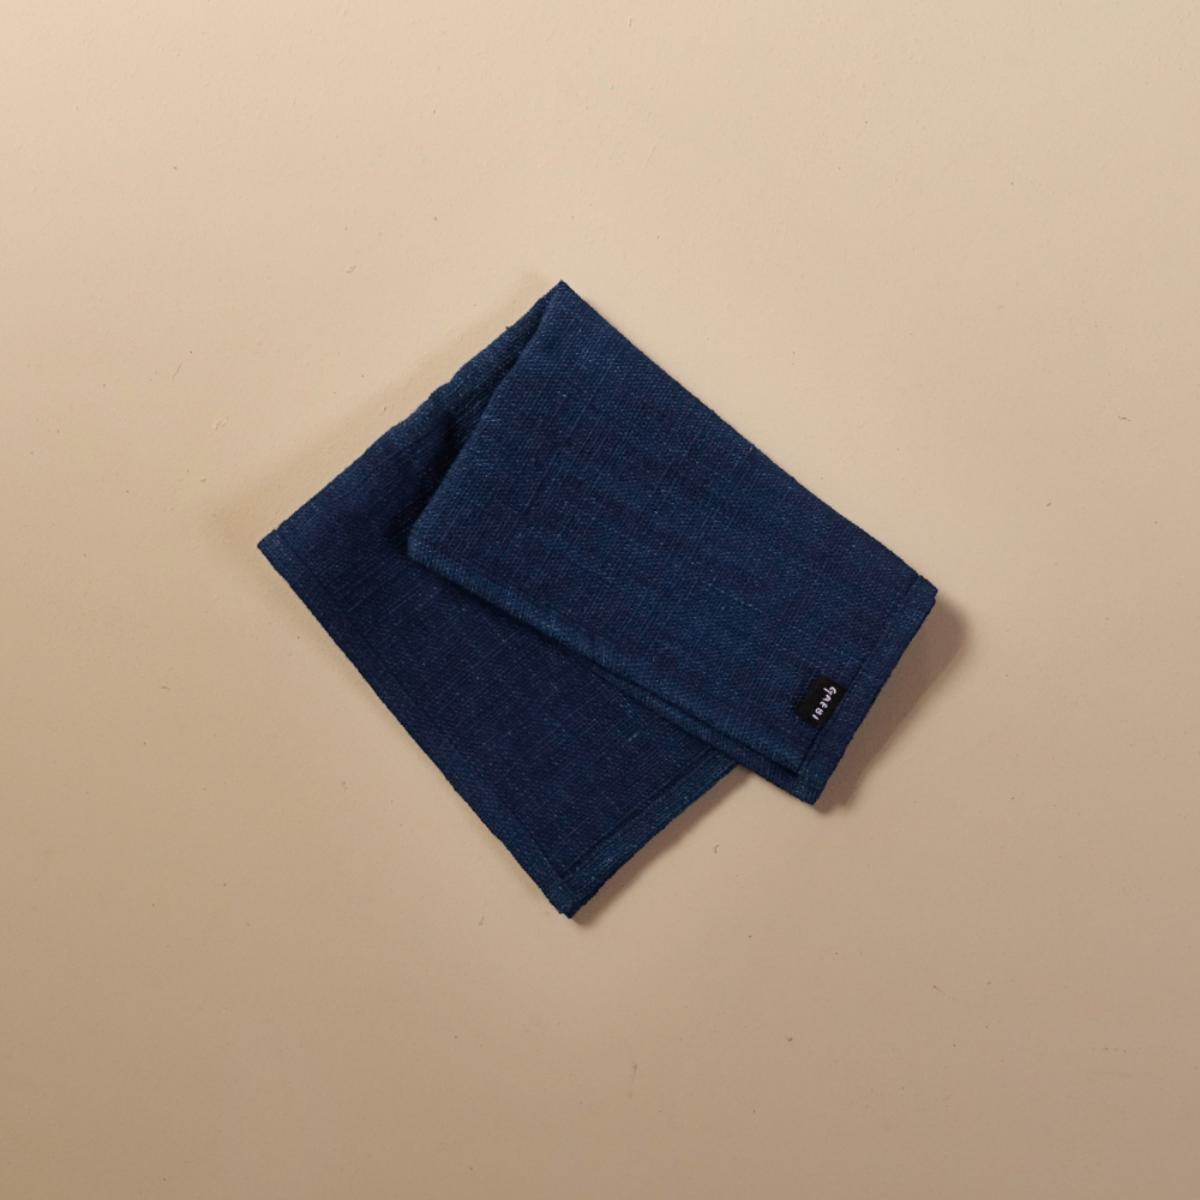 개비 Hand-woven Placemat_Indigo Navy